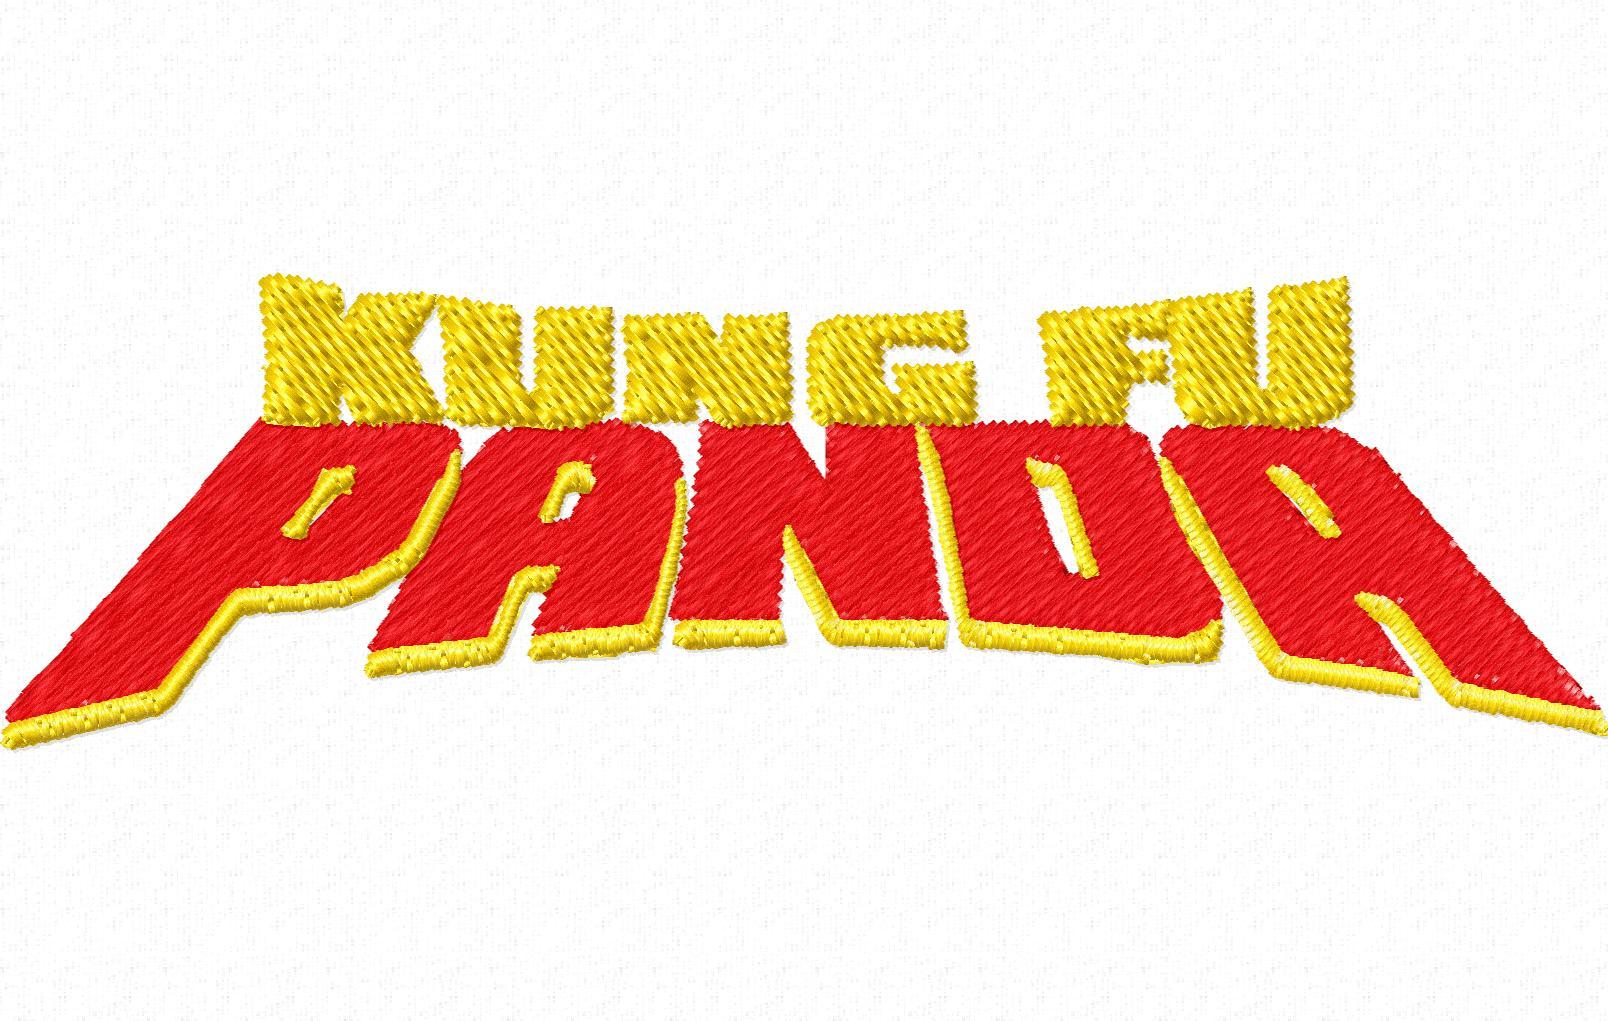 Kung fu panda Logos.